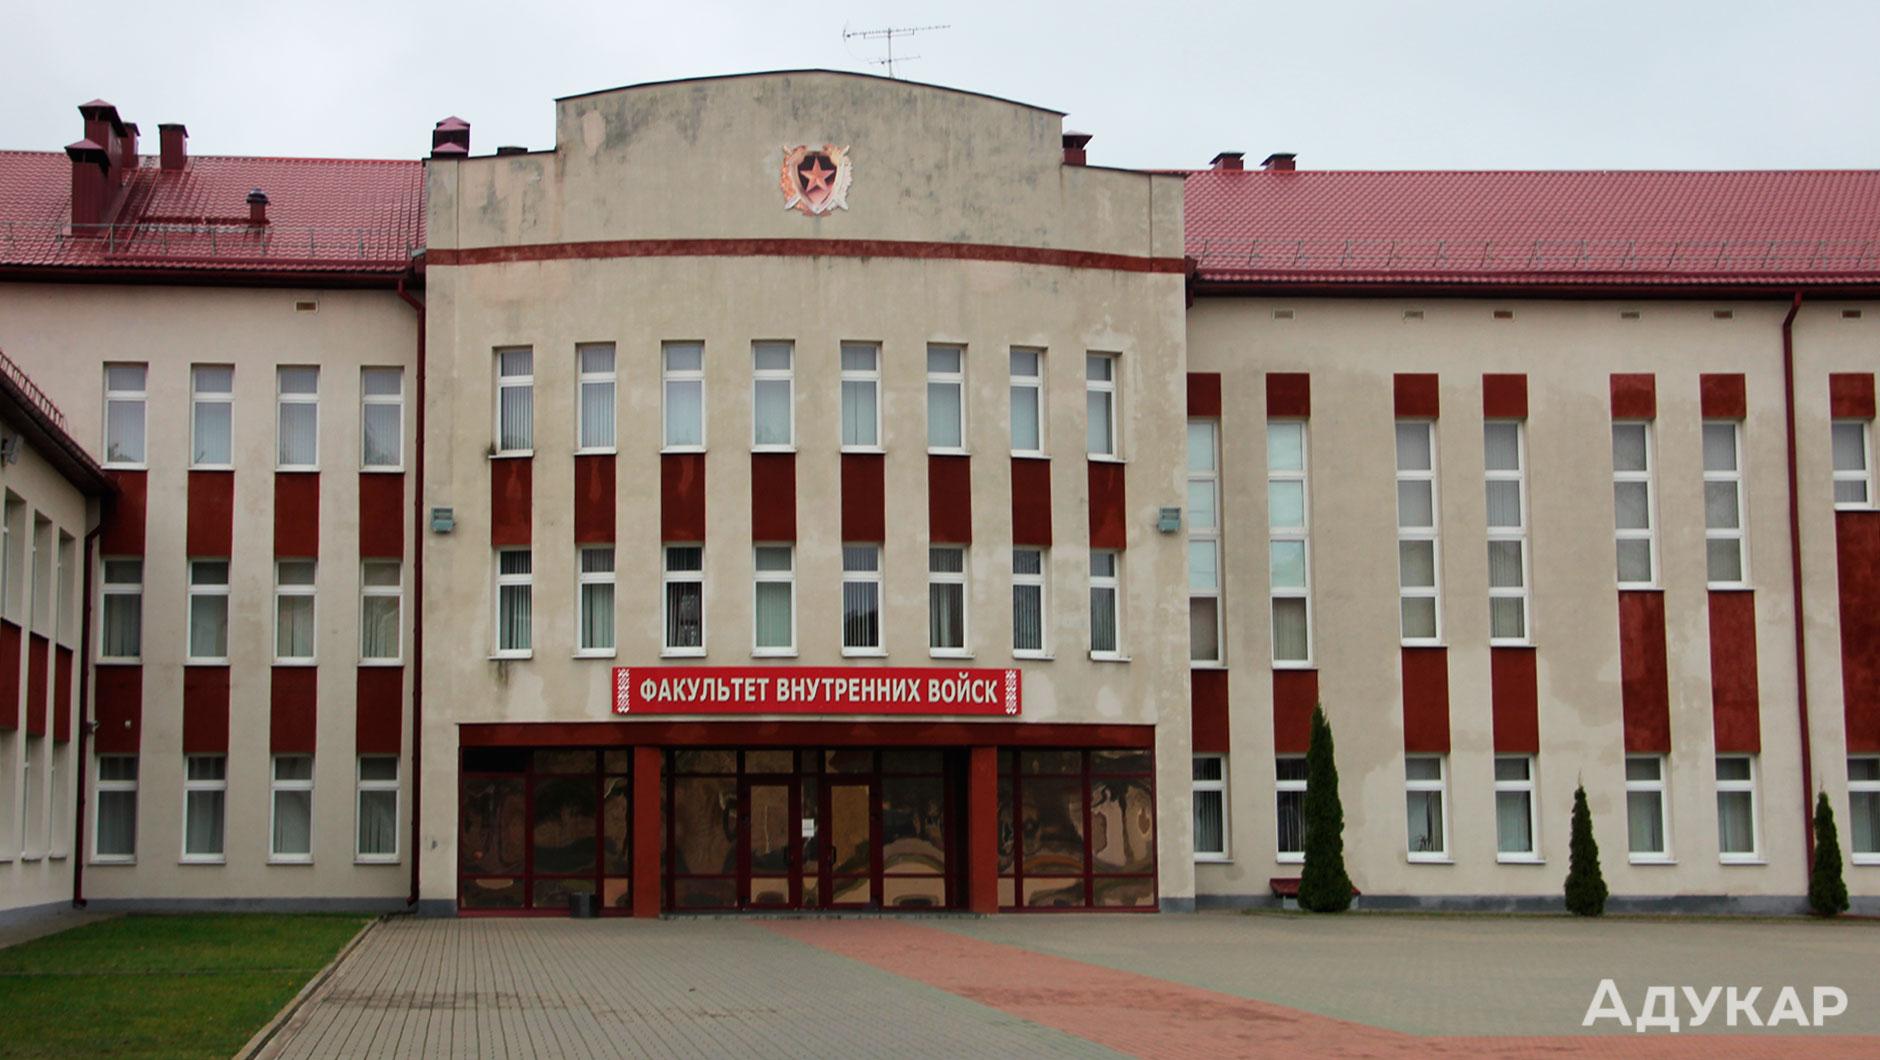 Факультет внутренних войск располагается на территории военной части 3214 на проспекте Независимости, 191 (Уручье). Это три(?) просторных здания факультета, учебного корпуса, со свежим ремонтом и современным оборудованием